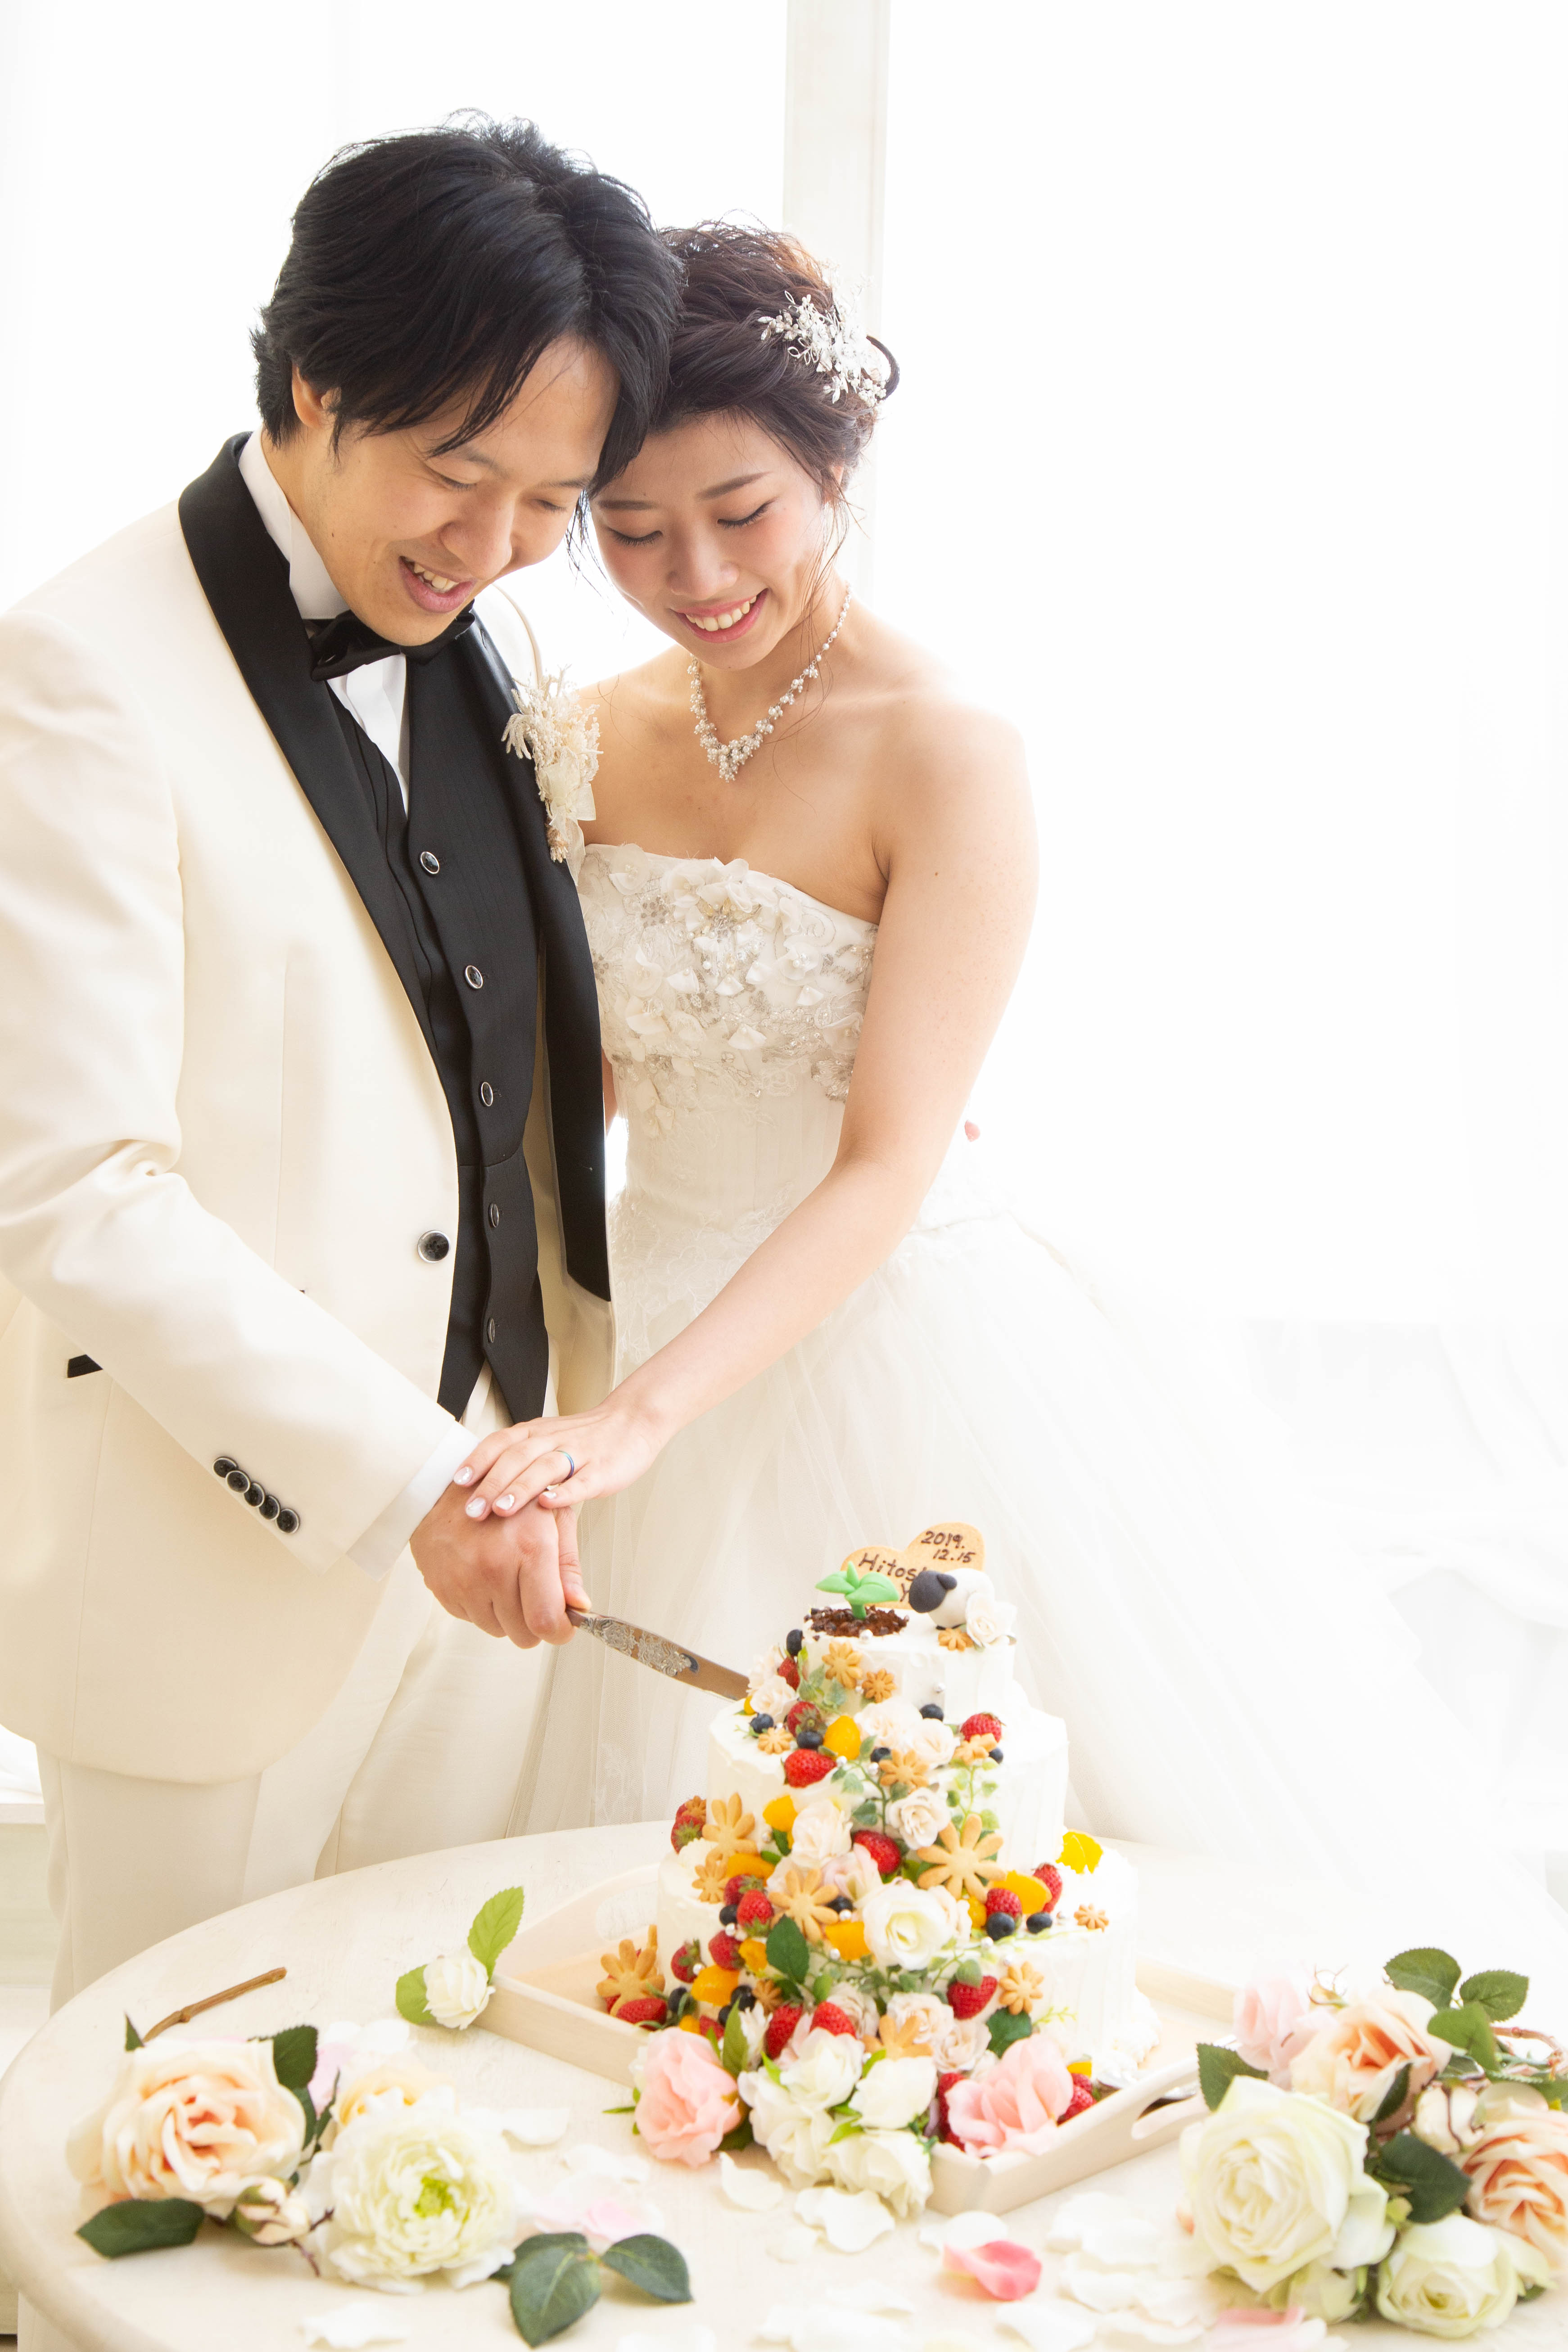 彩るケーキのファーストバイト シーン